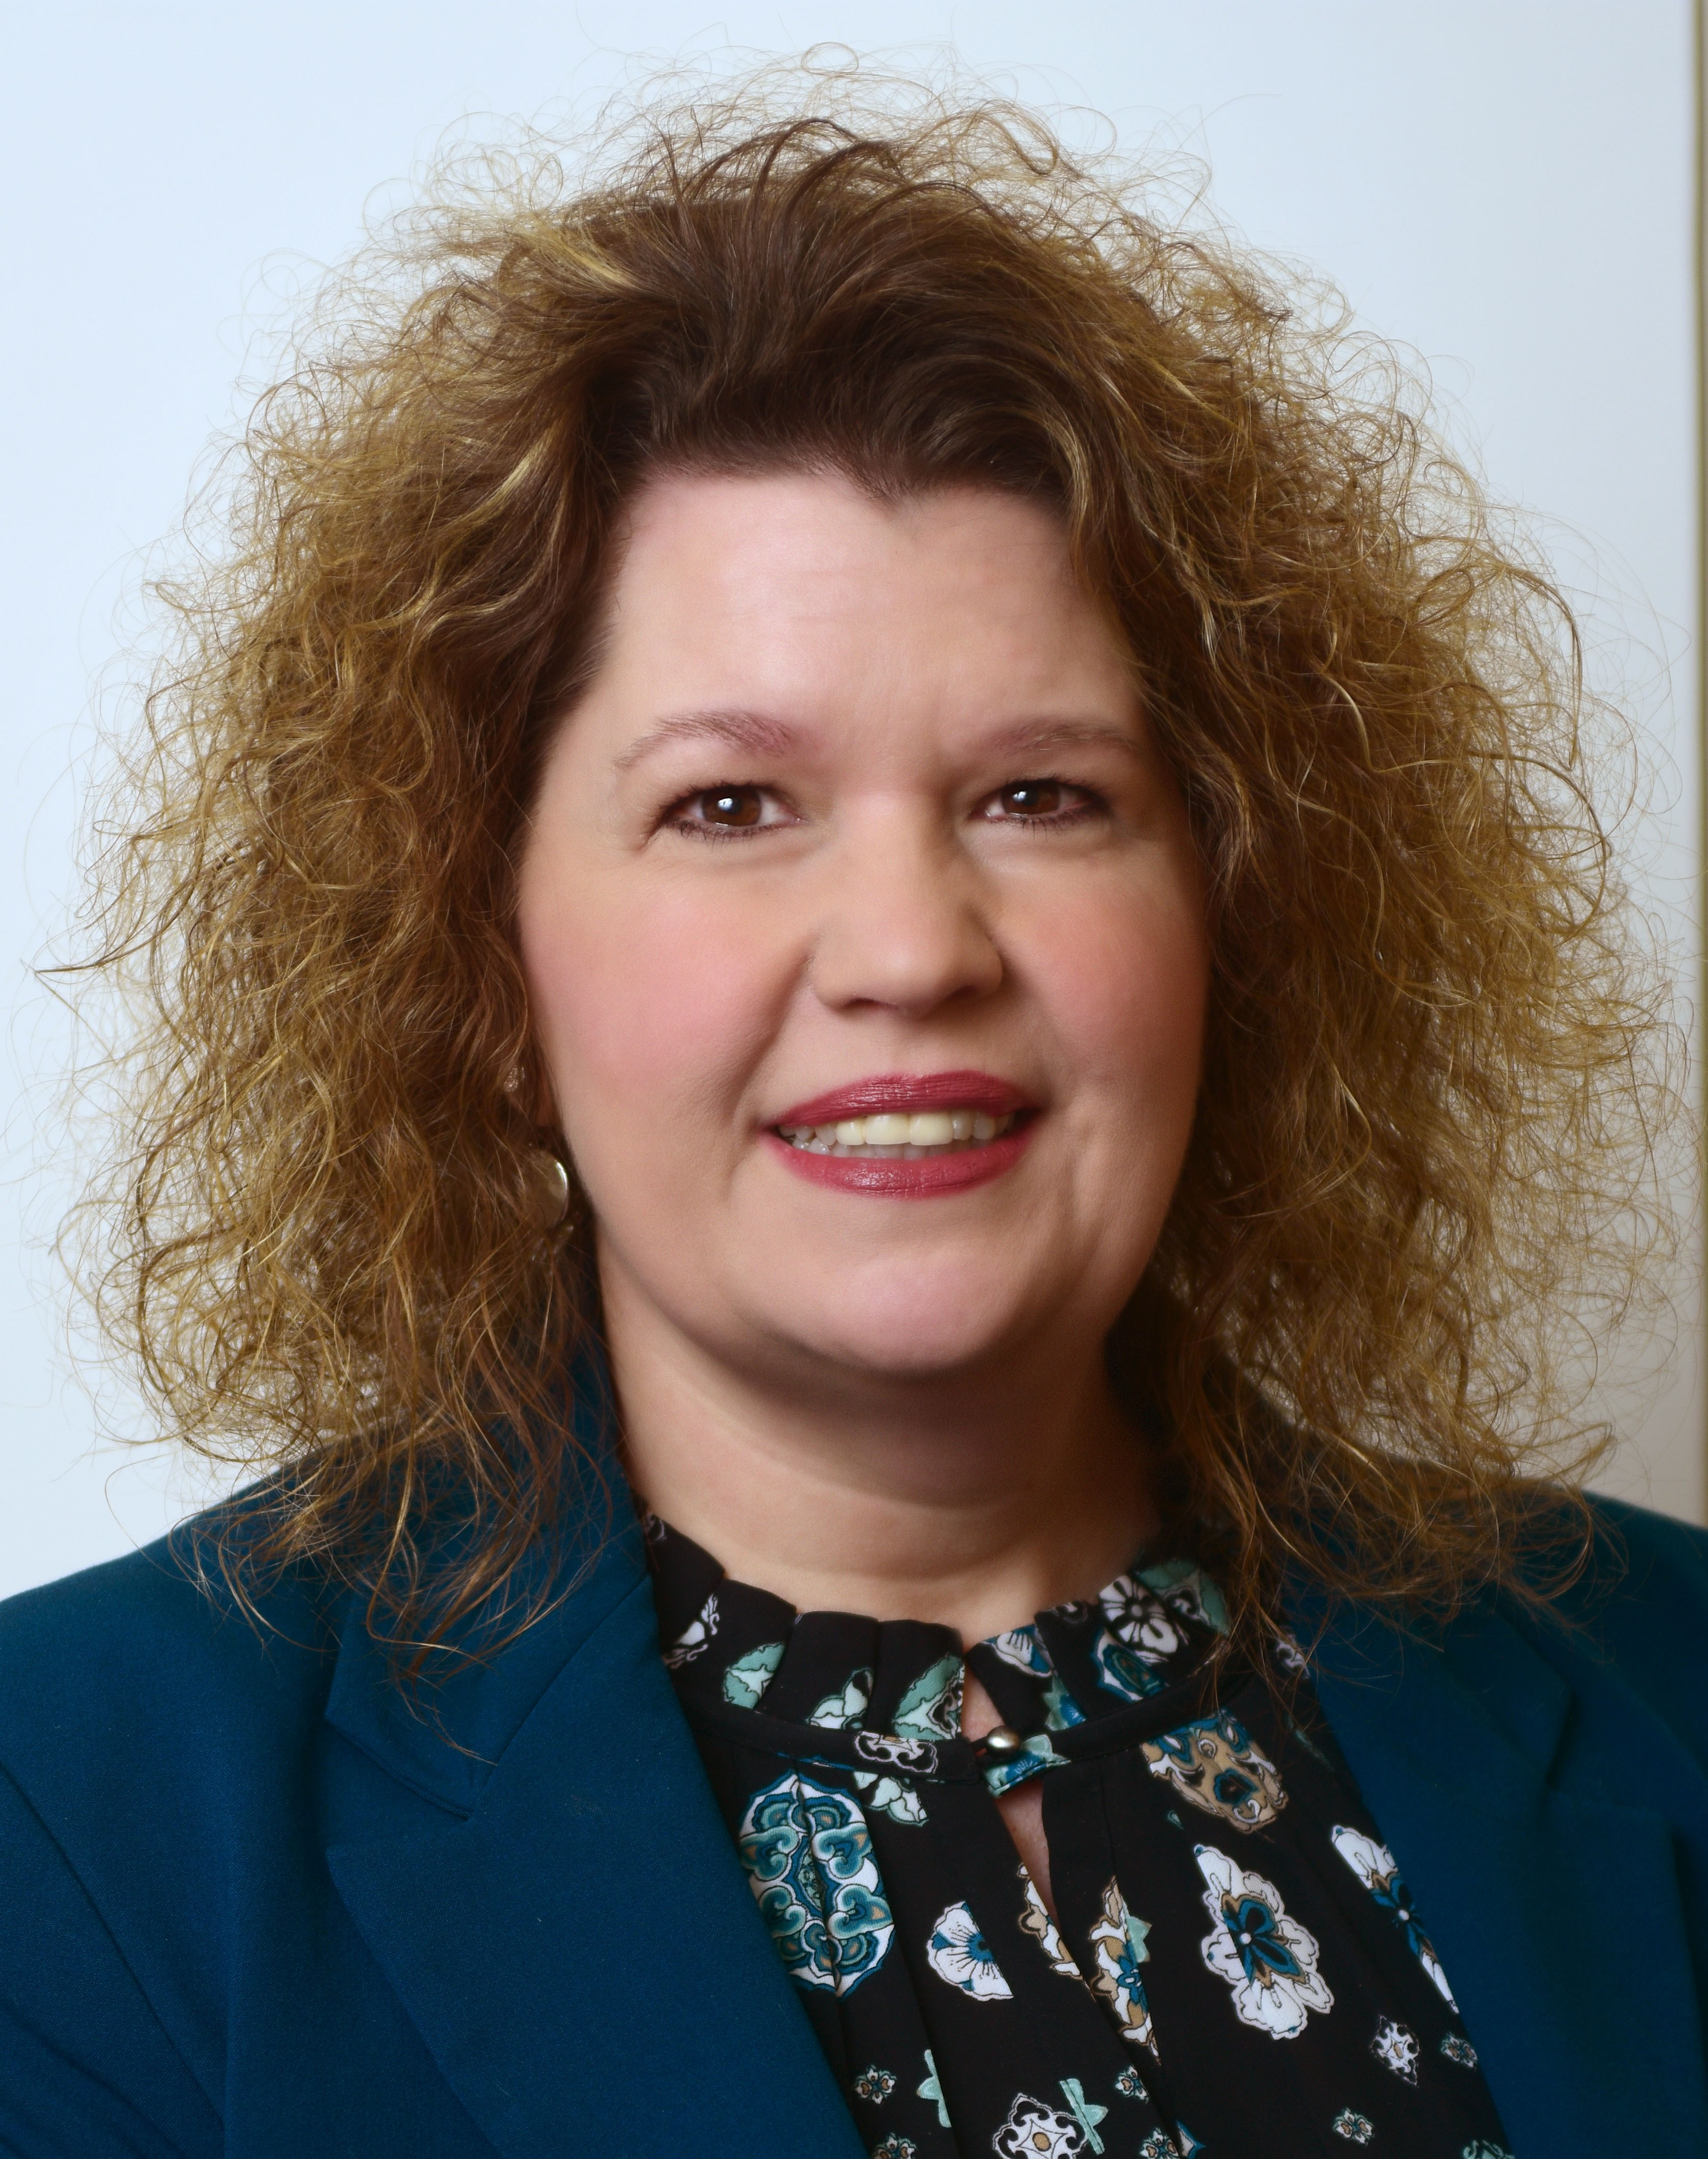 Karen Shears